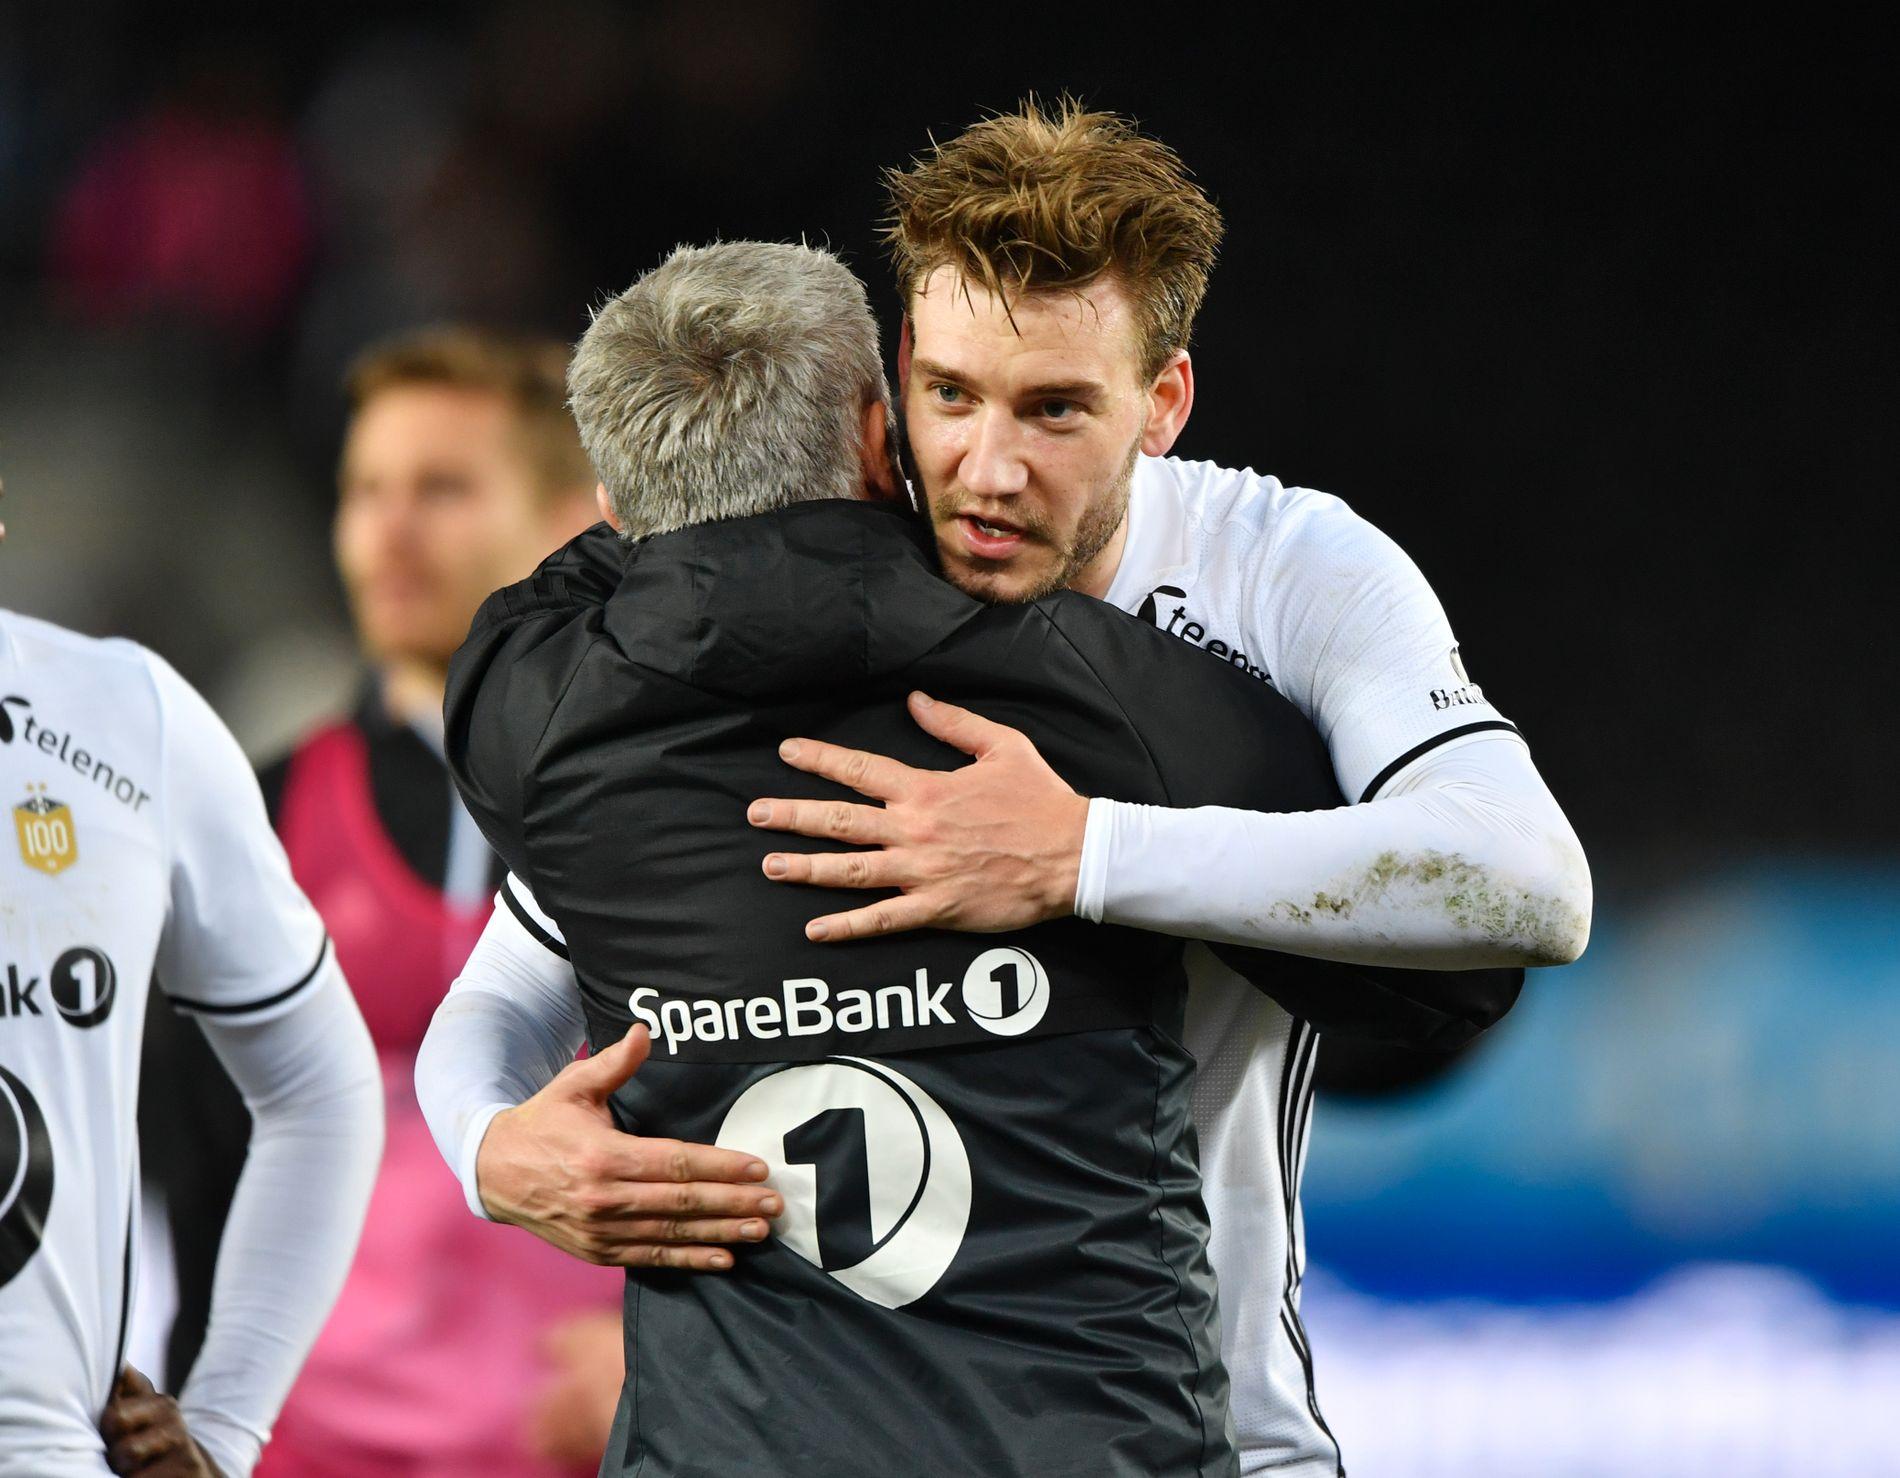 X-FAKTOR: Nicklas Bendtner og Kåre Ingebrigtsen klemte hverandre etter 2-1-seieren mot Molde i 3. serierunde.